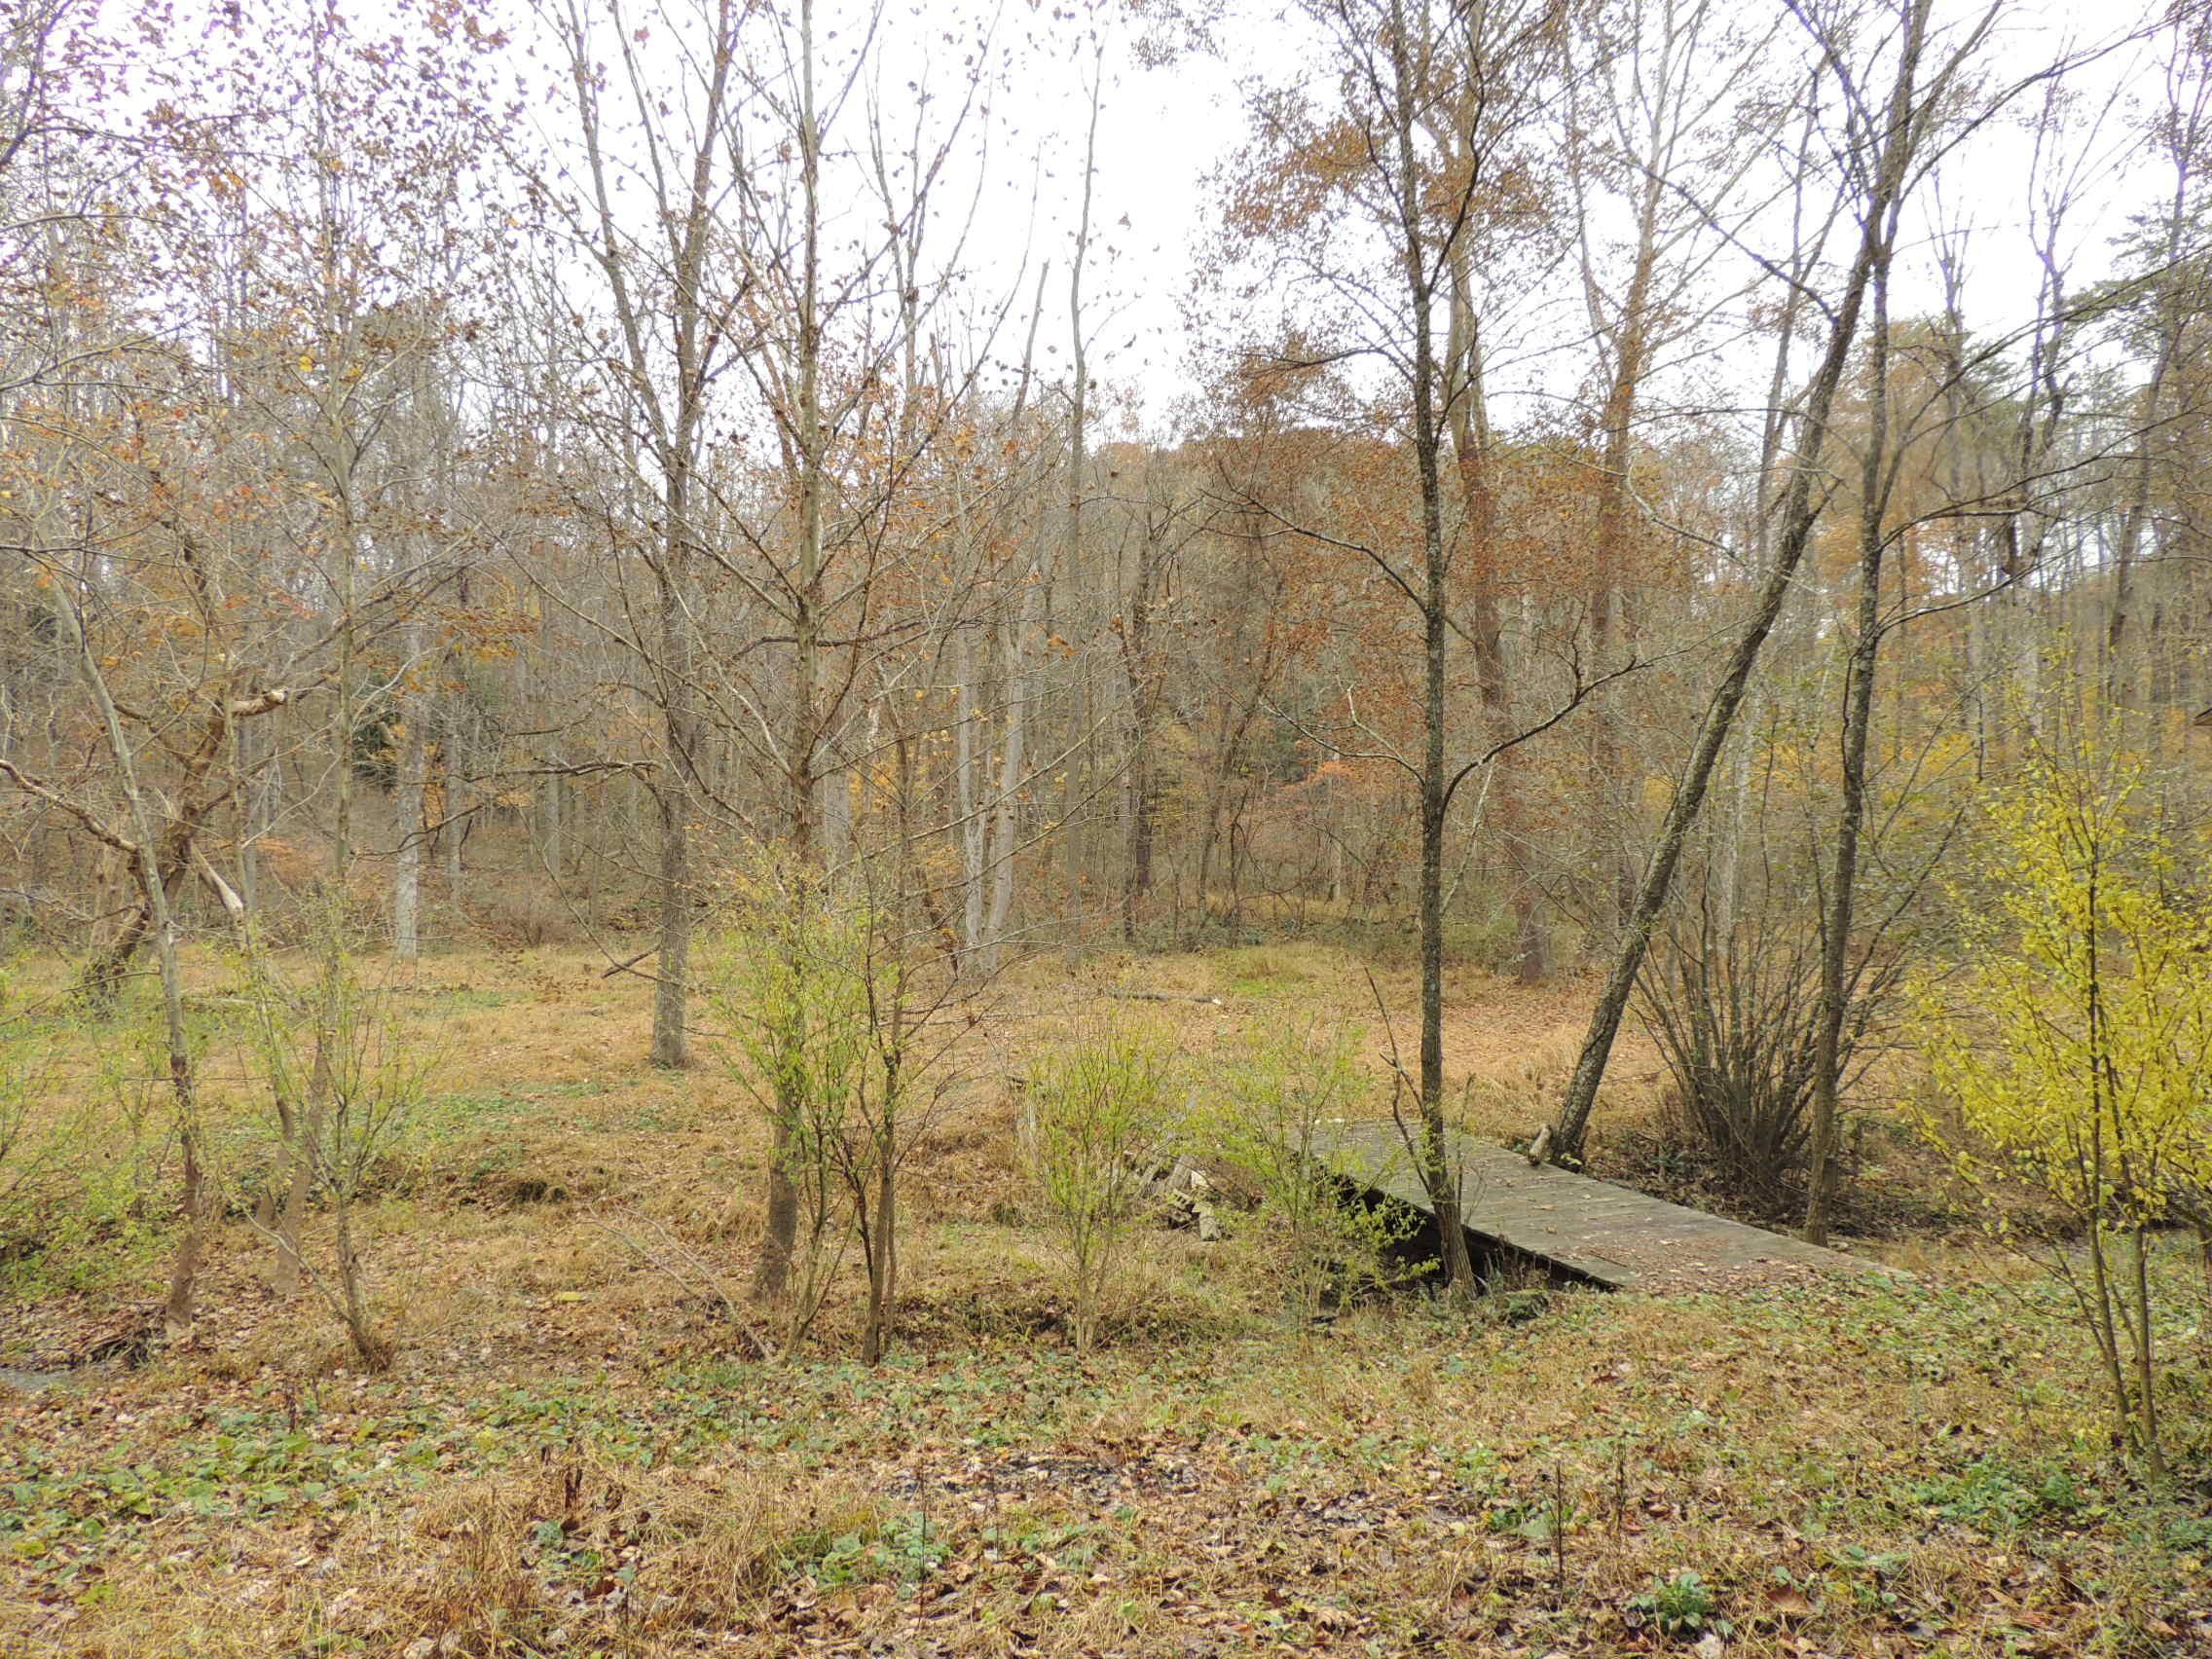 12790 Big Cola Road, Rockbridge, OH 43149 US Hocking Hills Land for